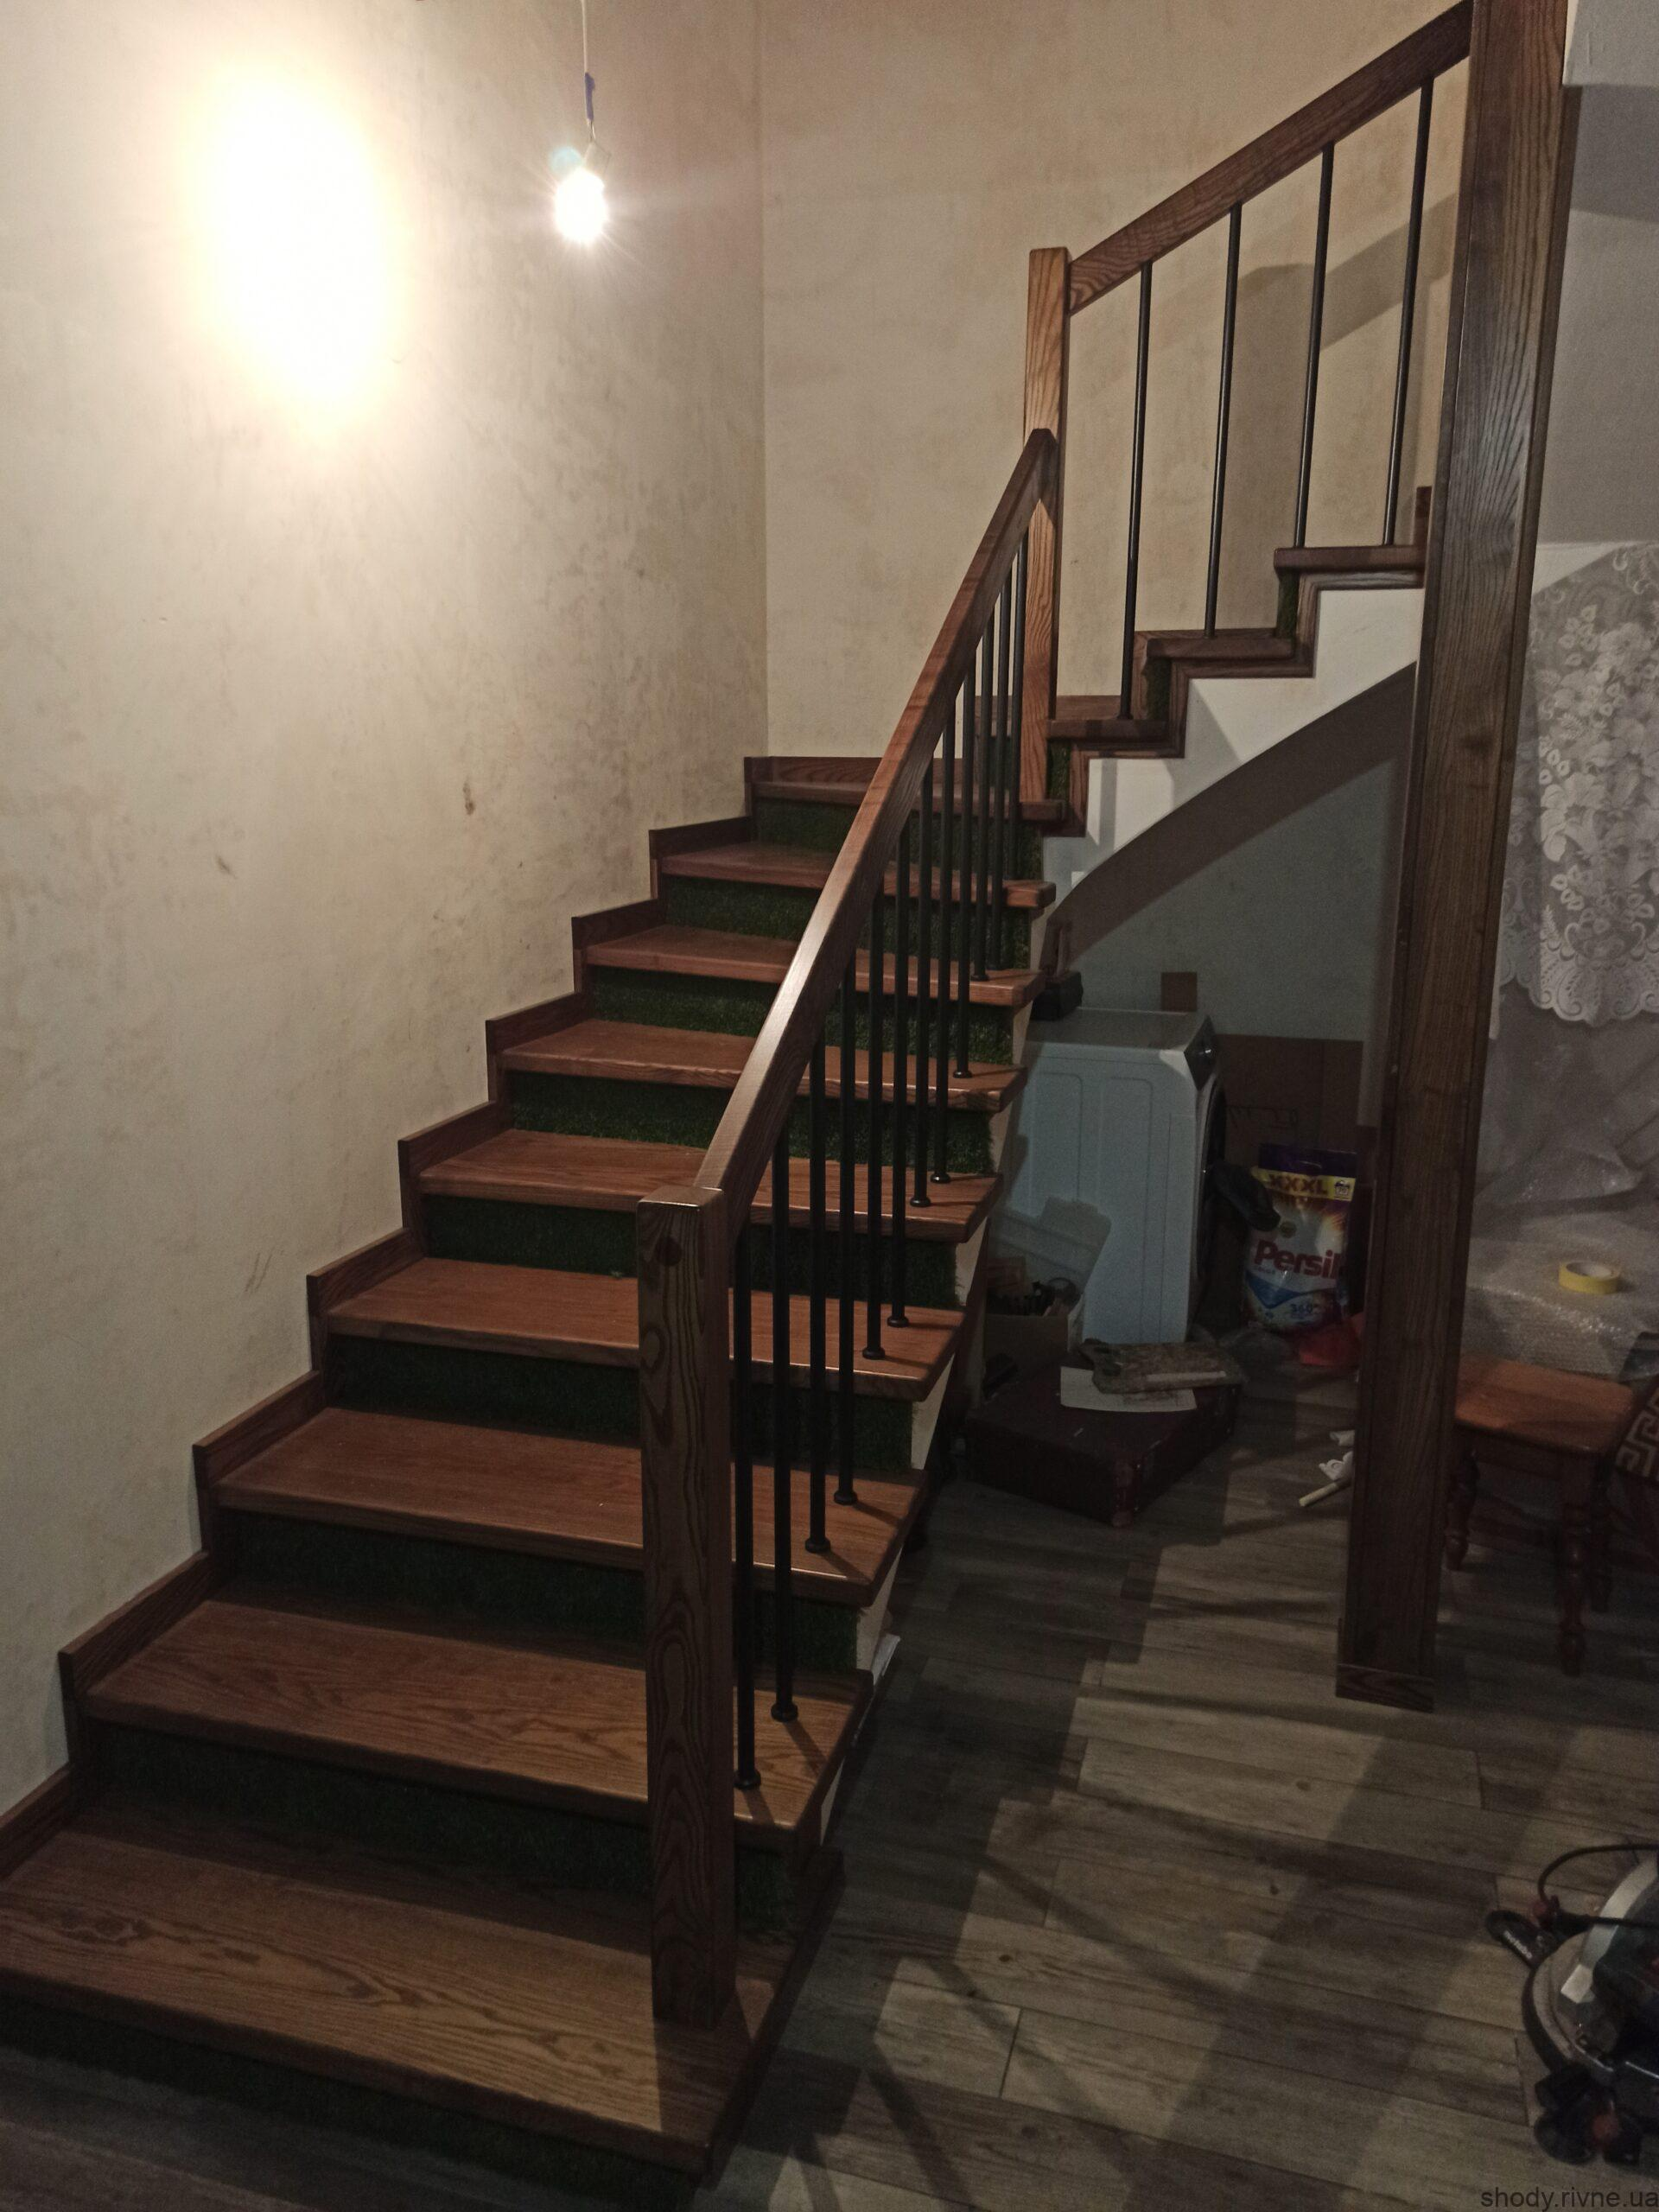 Виготовлення та монтаж сходів з ясена по бетону в Рівному